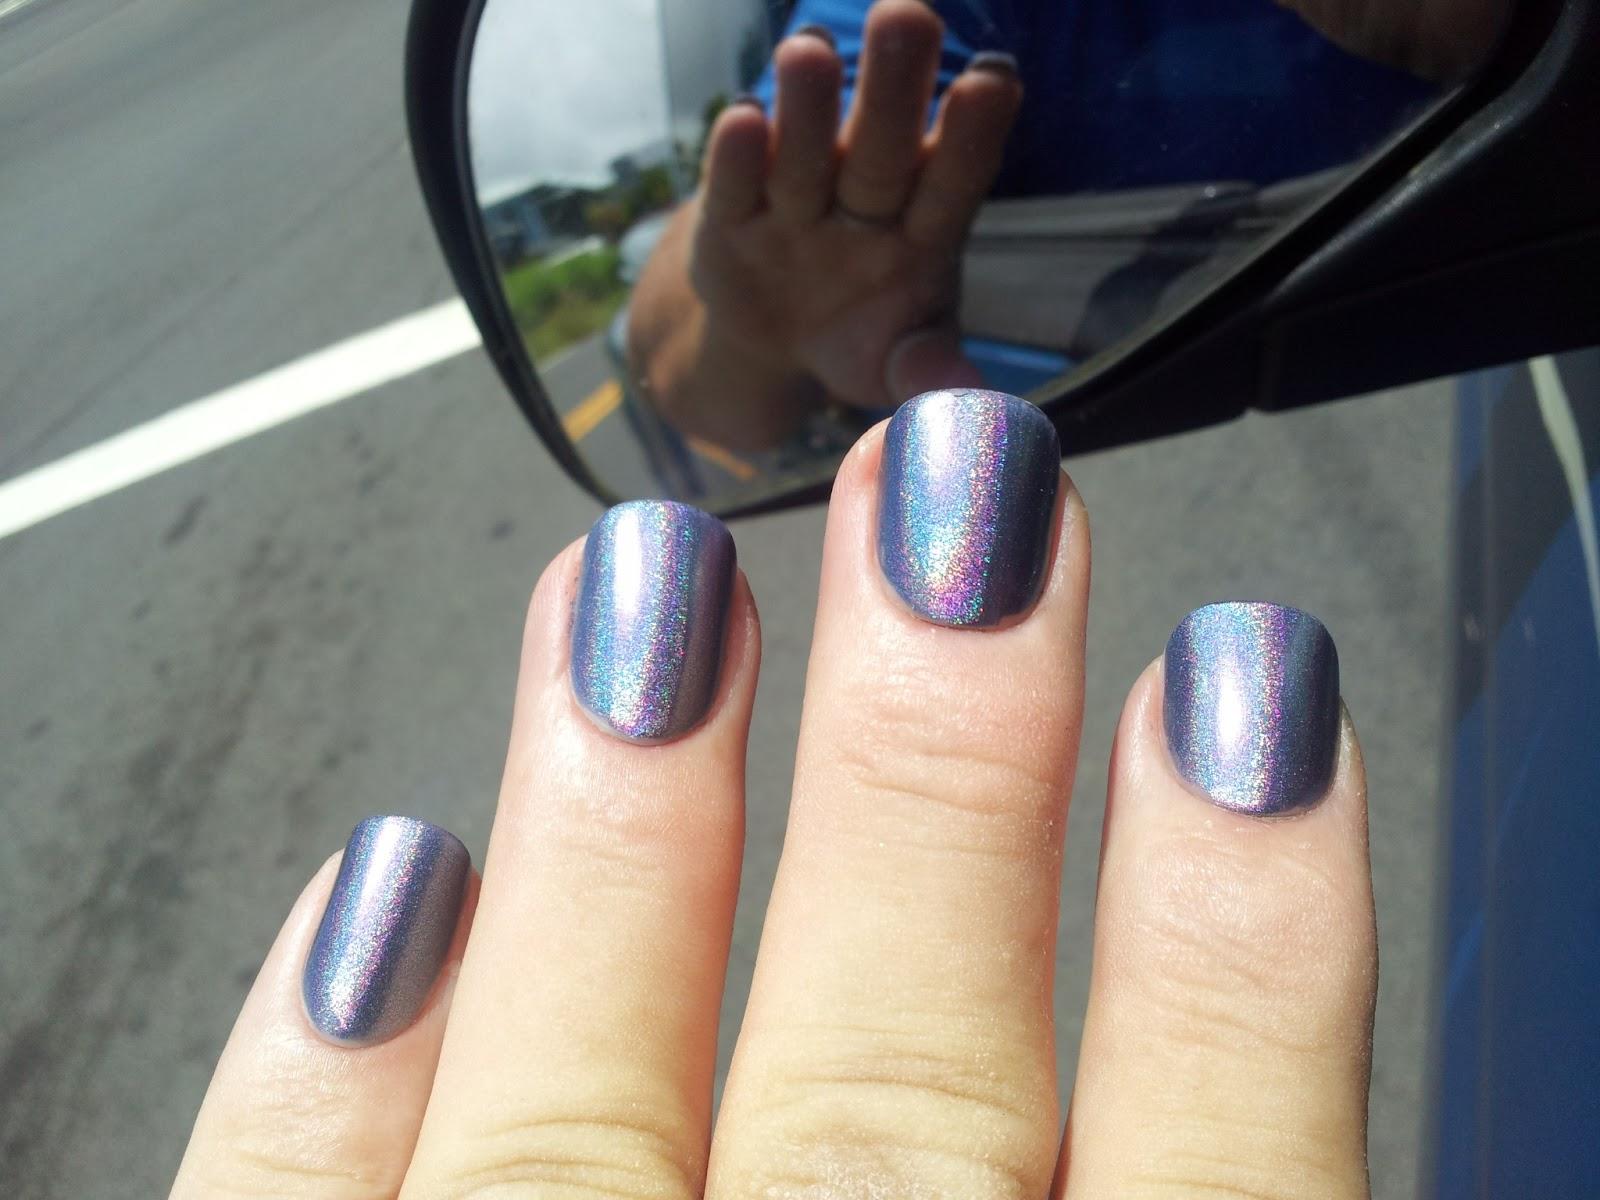 Men and nail polish: Summer of polish!